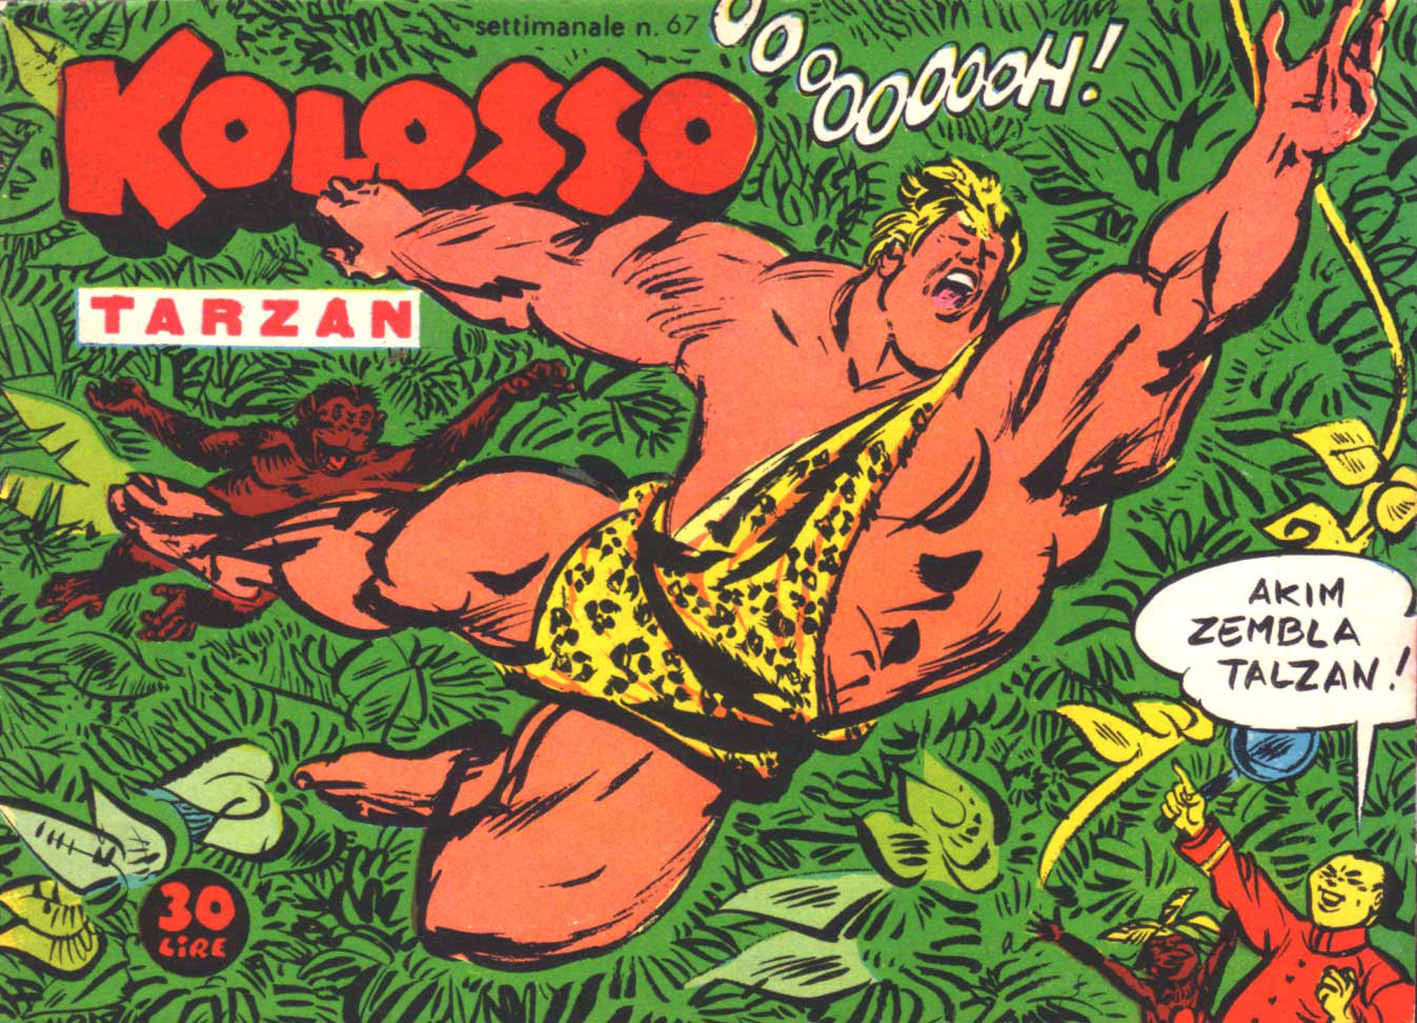 Kolosso in versione Tarzan